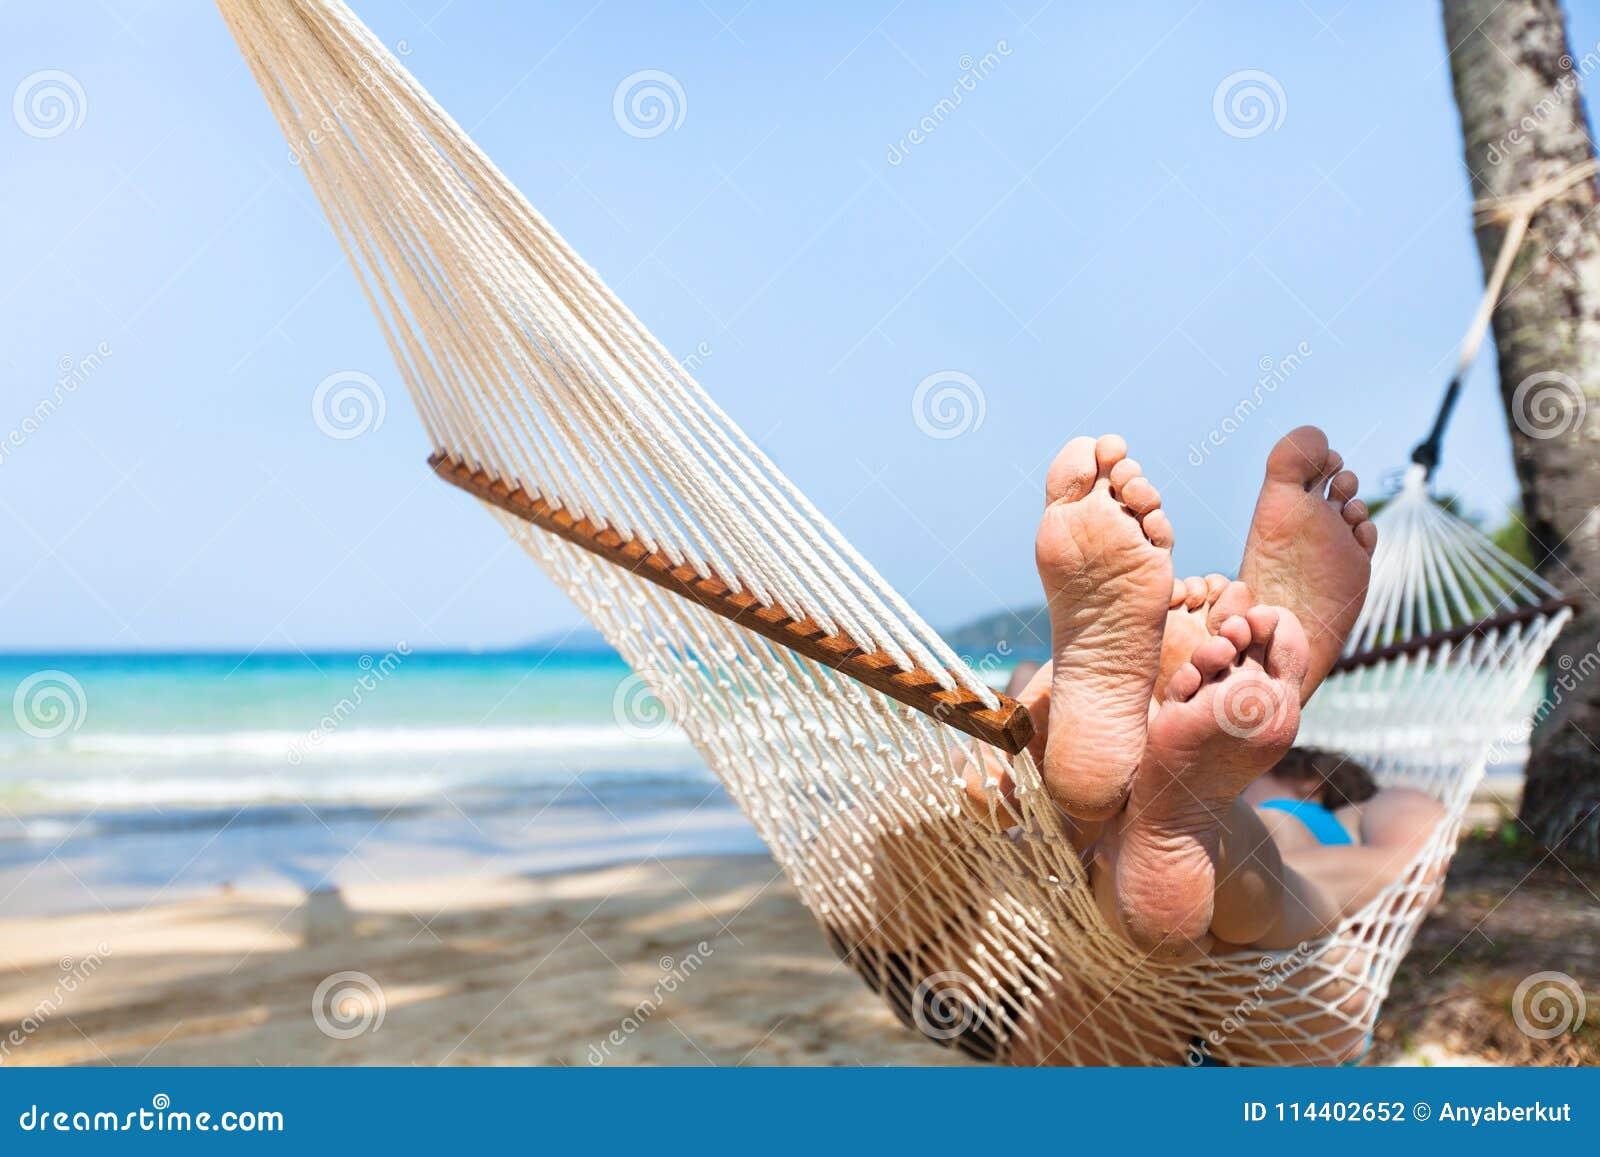 Gelukkige paarfamilie in hangmat op tropisch paradijsstrand, eilandvakantie